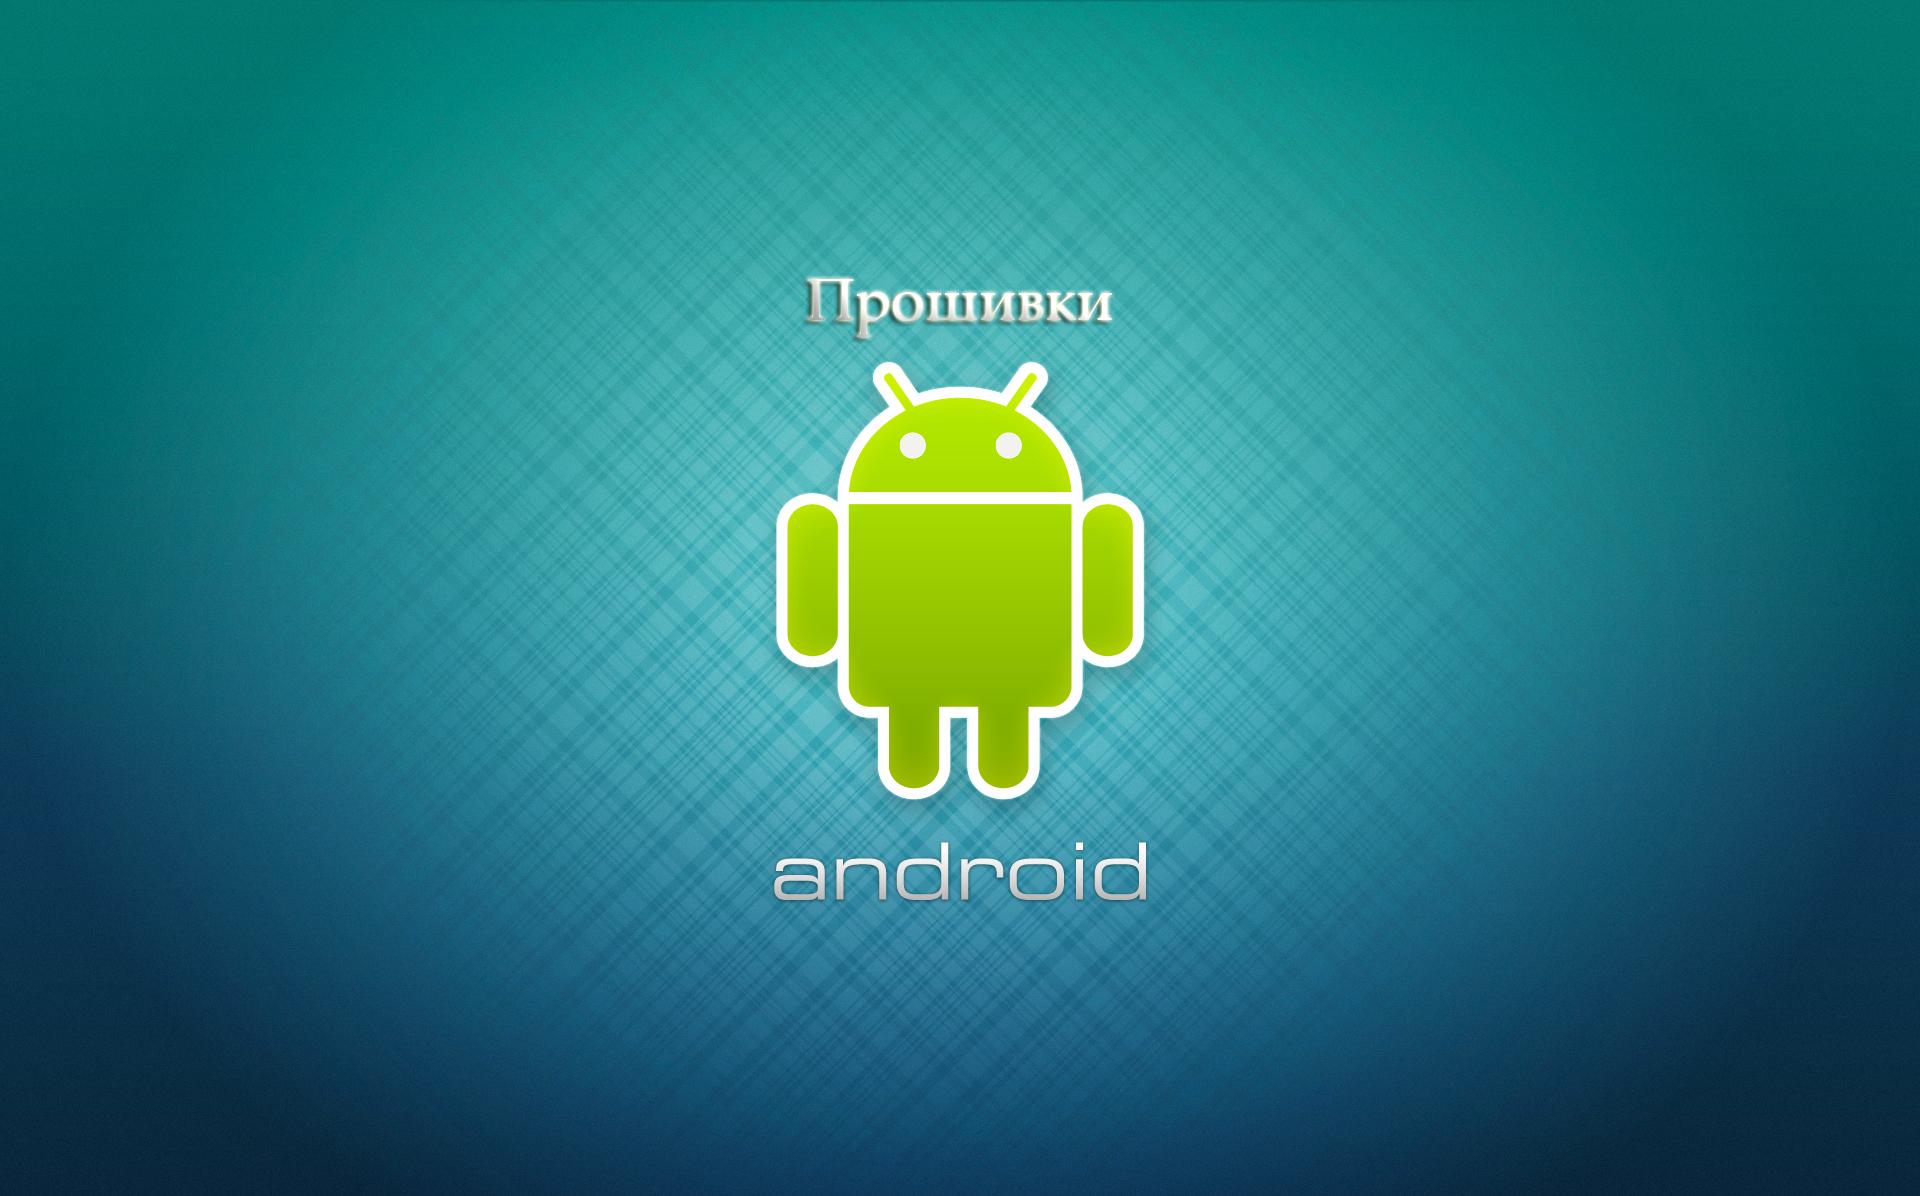 Как установить Android версии 4.2?